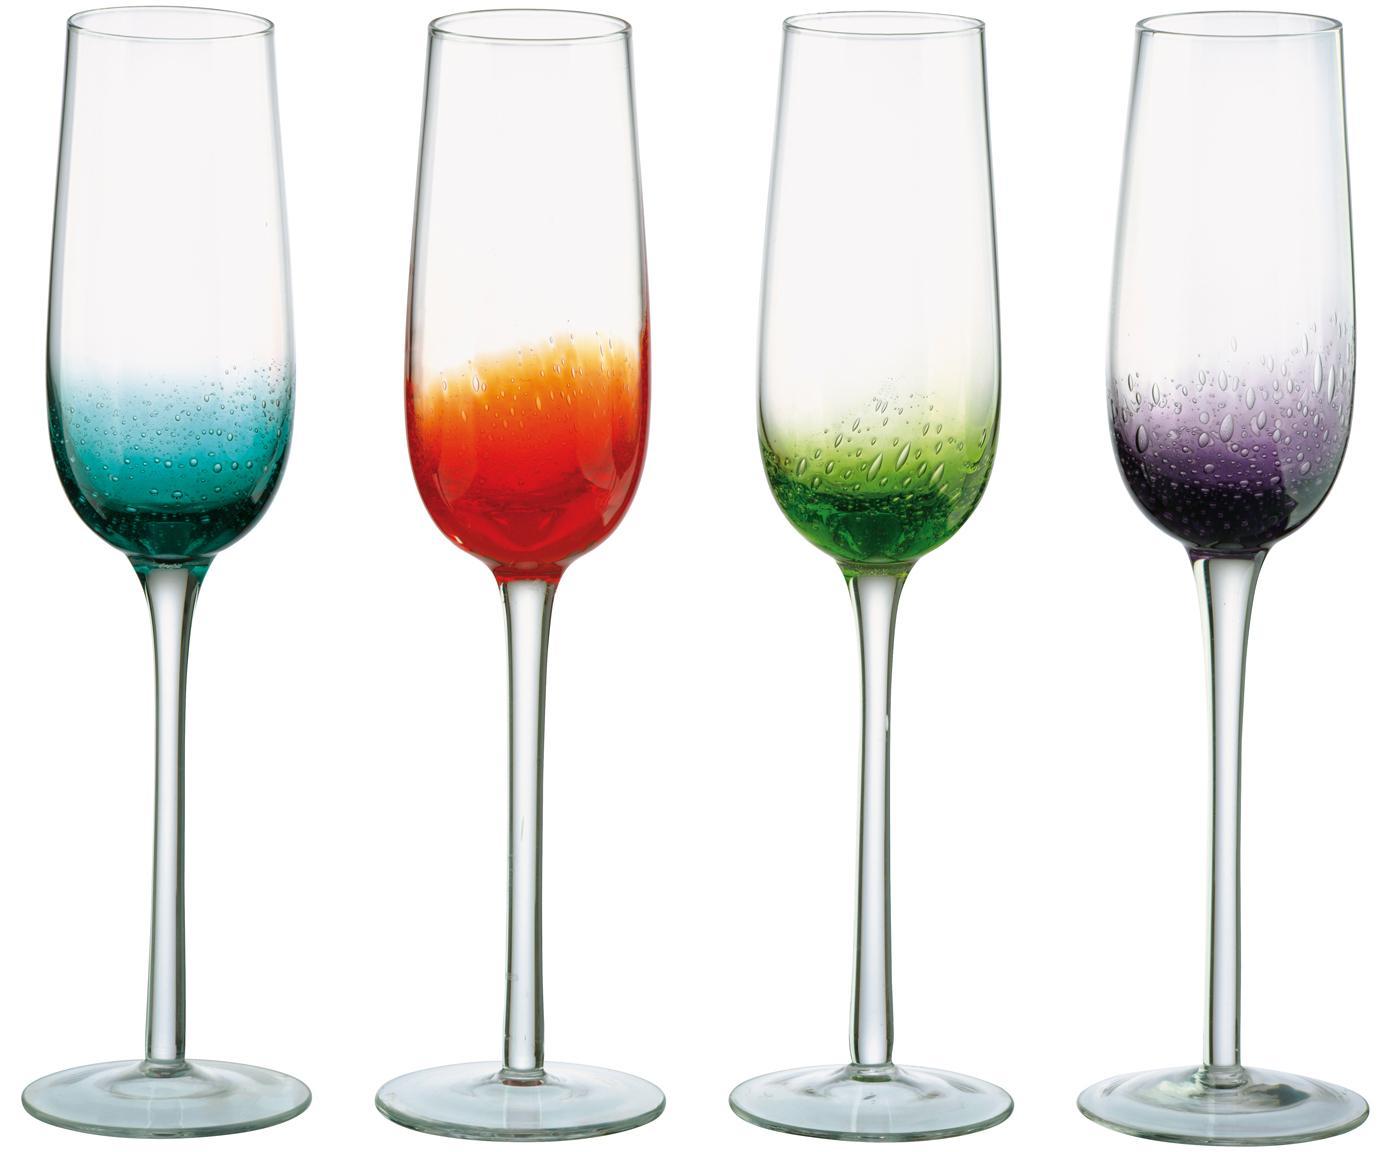 Komplet kieliszków do szampana ze szkła dmuchanego Fizz, 4elem., Dmuchane szkło, Transparentny, wielobarwny, 250 ml